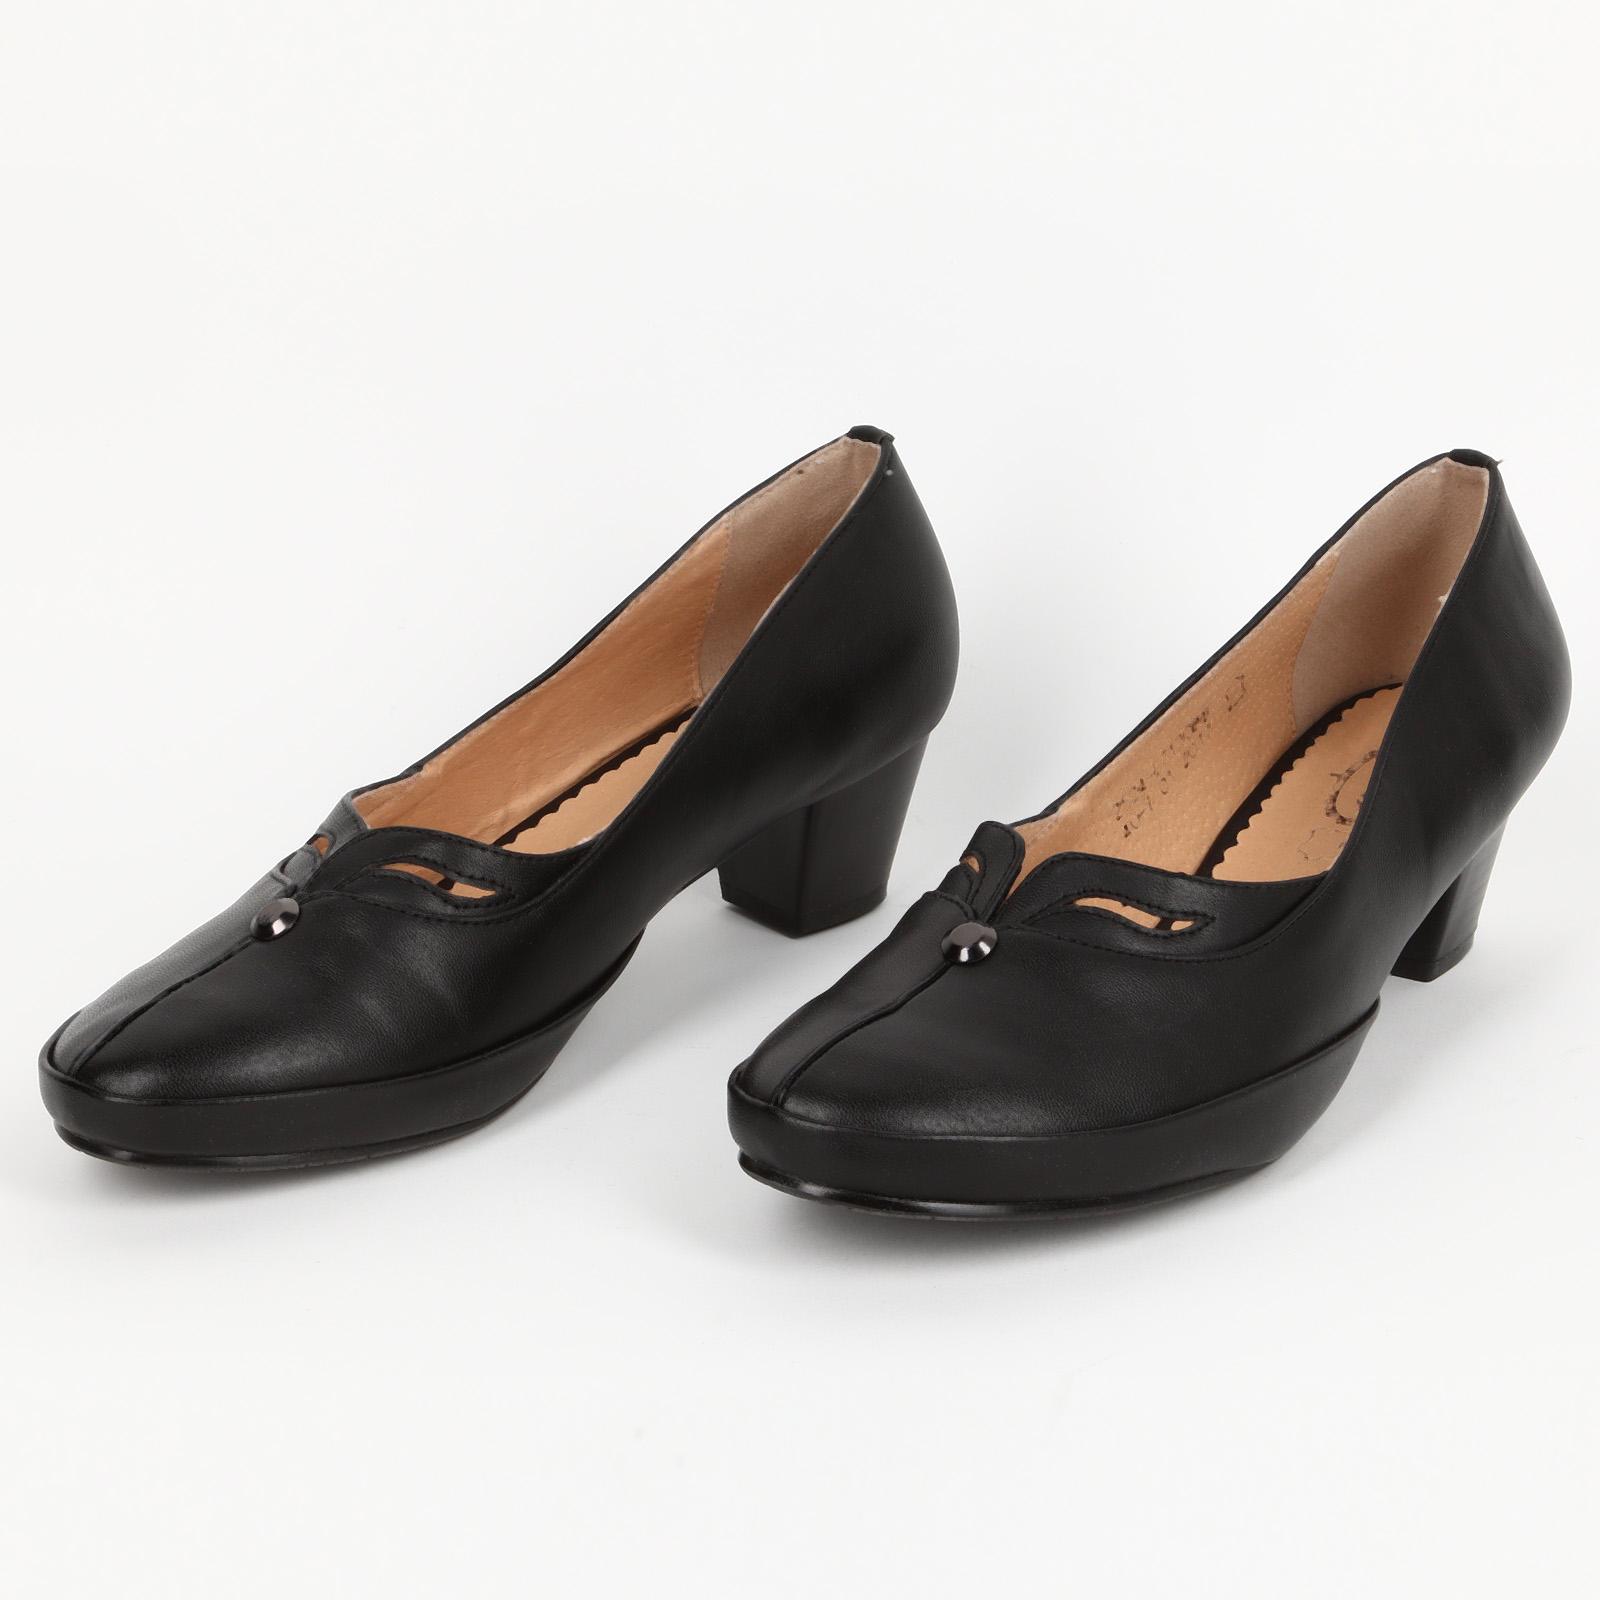 Tуфли женские на среднем каблуке